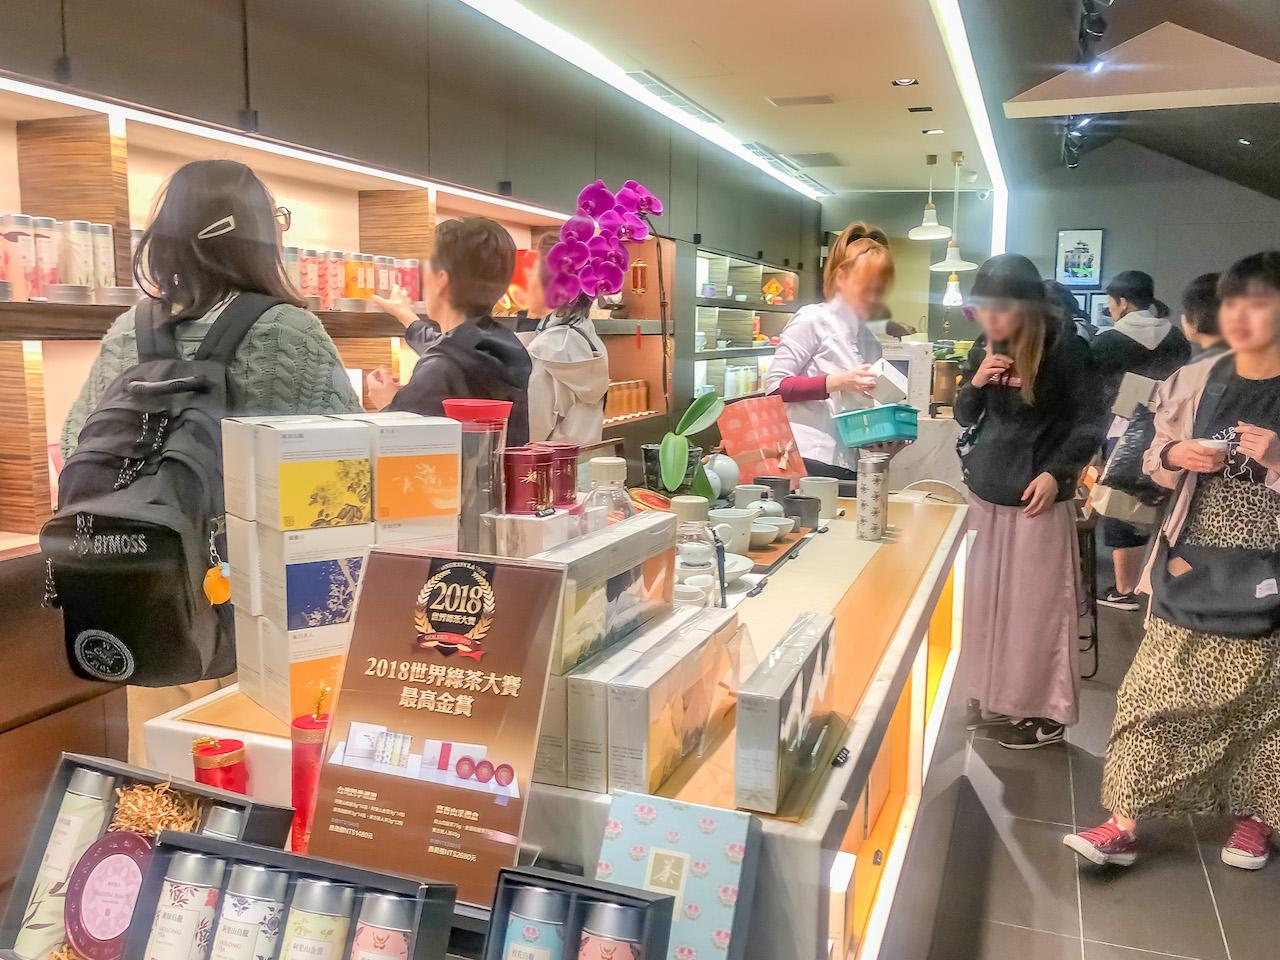 嶢陽茶行店内2